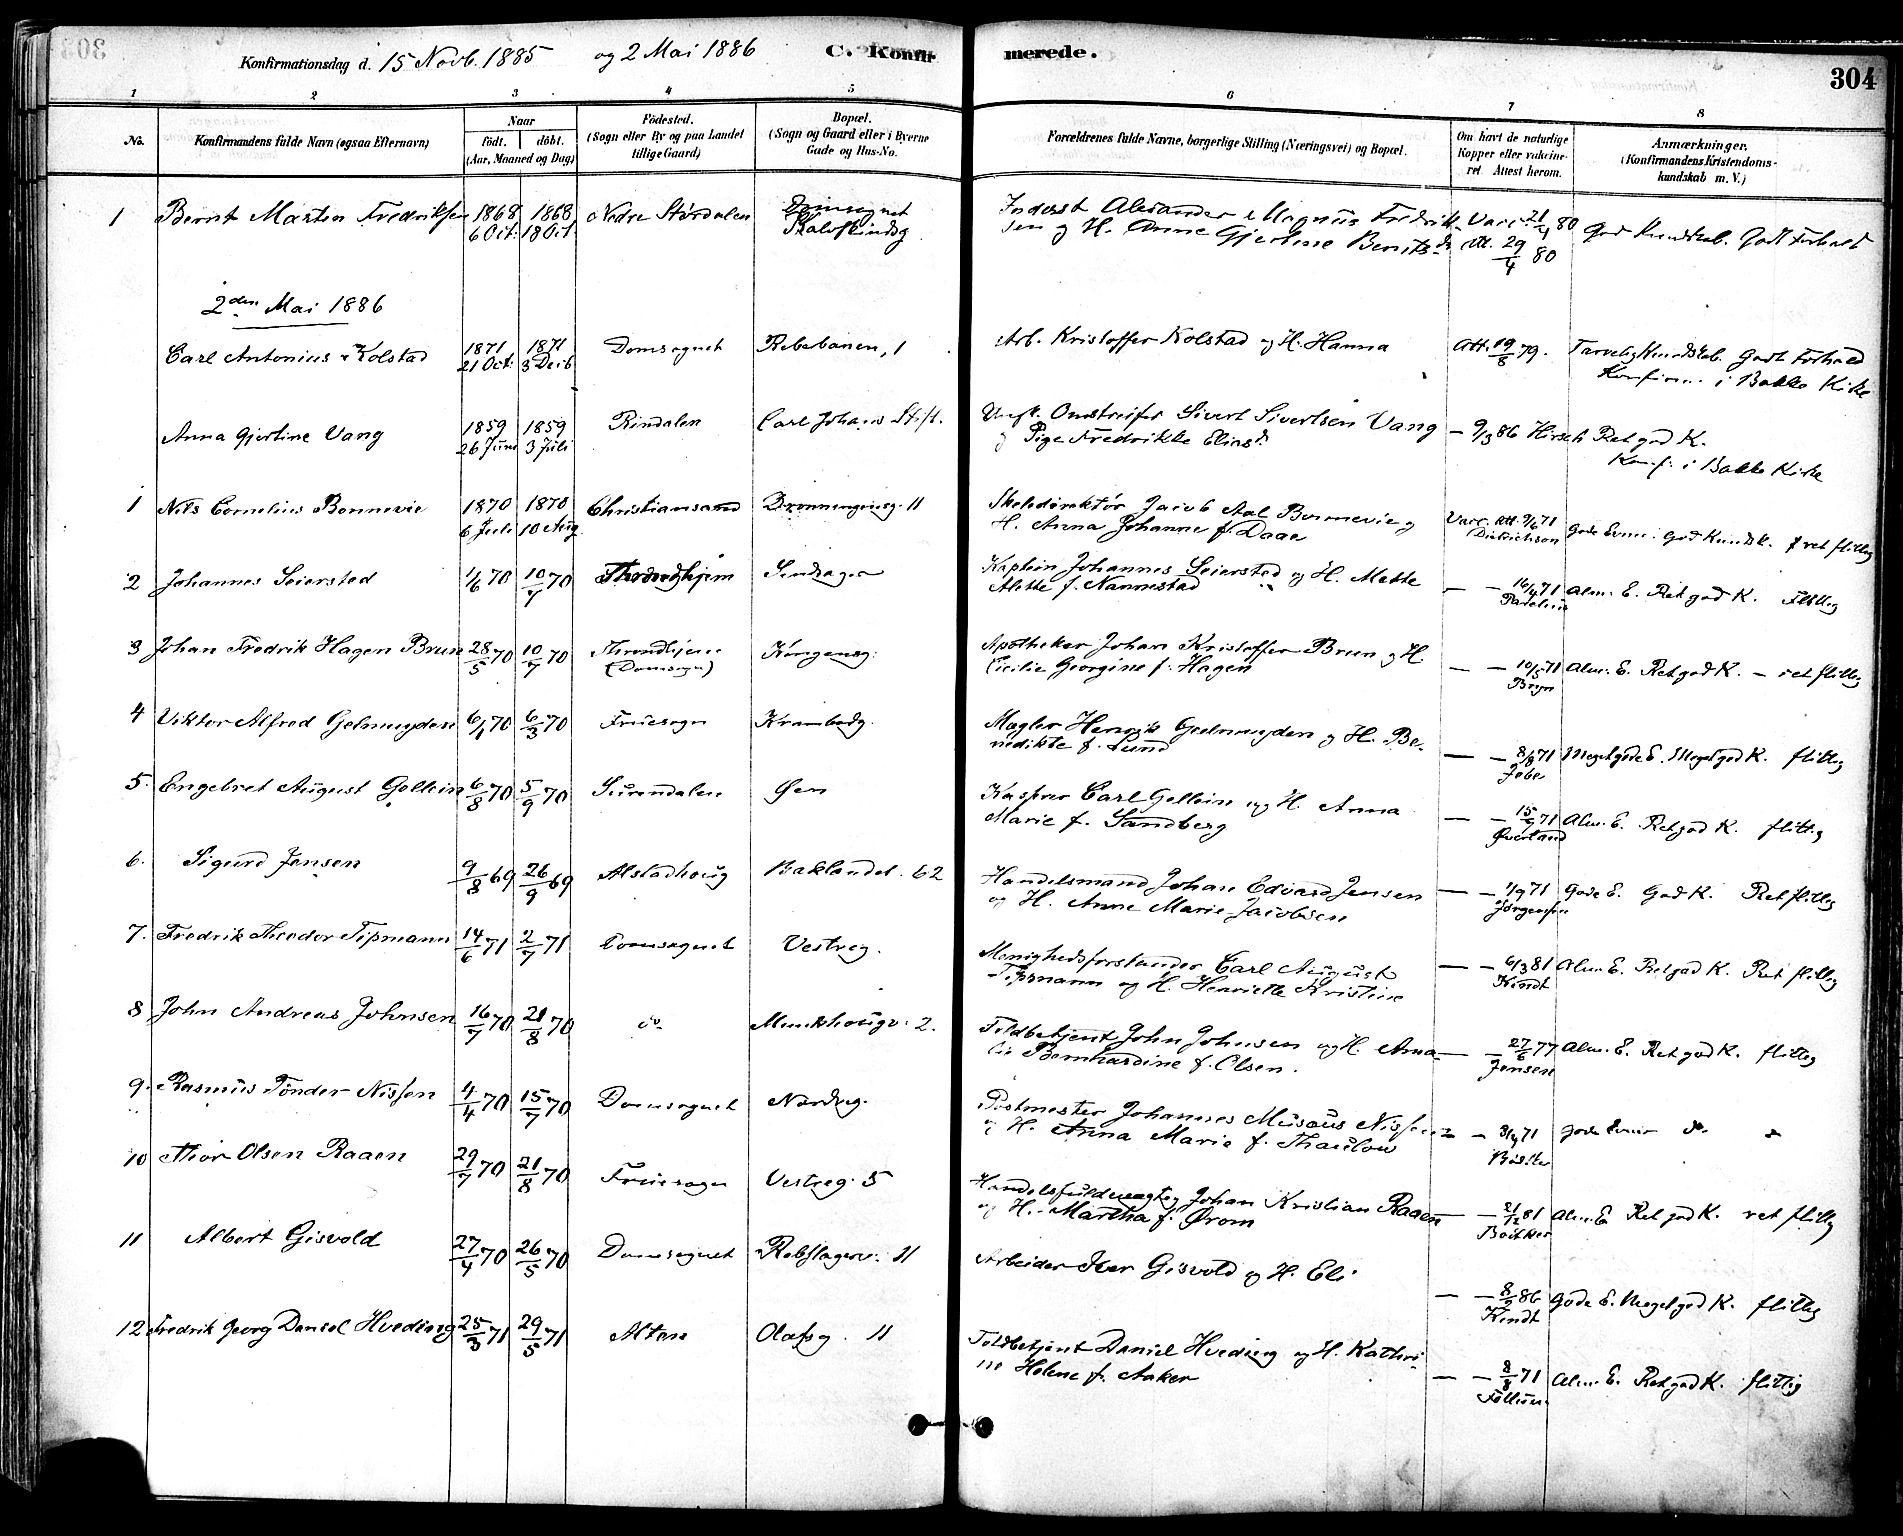 SAT, Ministerialprotokoller, klokkerbøker og fødselsregistre - Sør-Trøndelag, 601/L0057: Ministerialbok nr. 601A25, 1877-1891, s. 304